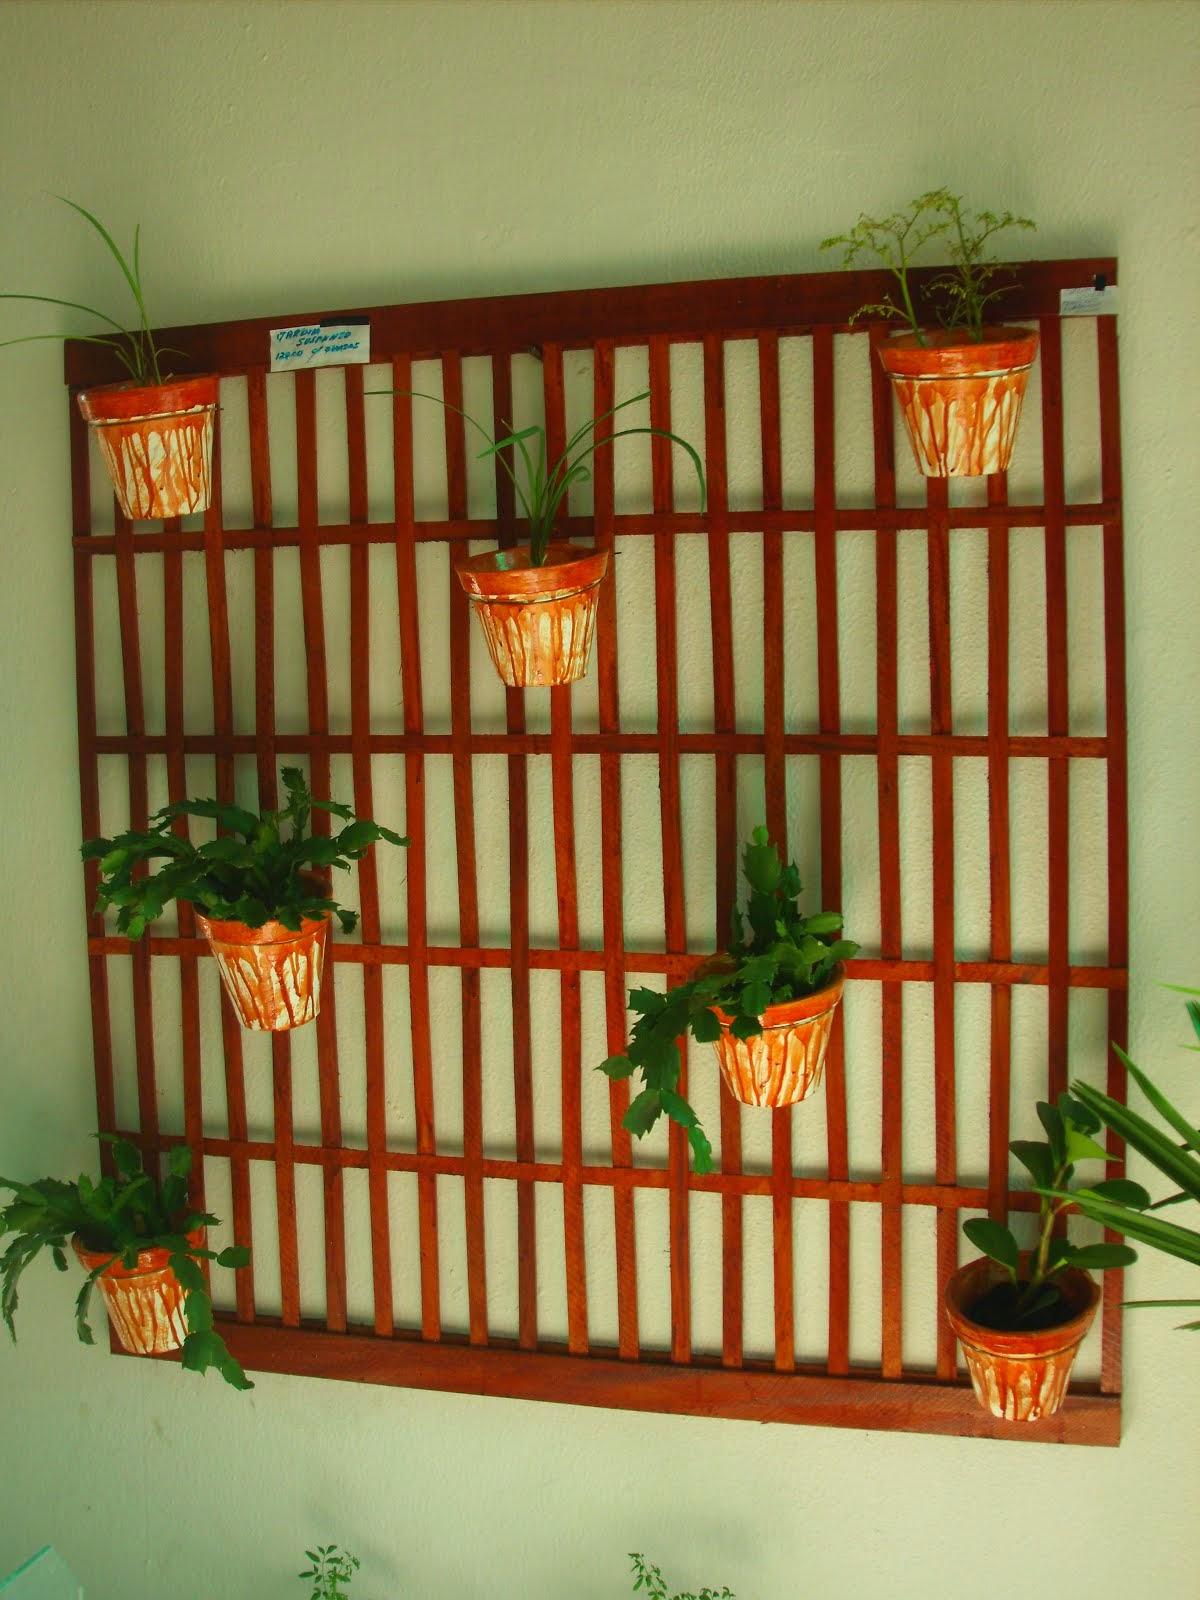 Jardim suspenso em madeira com 7 vasos